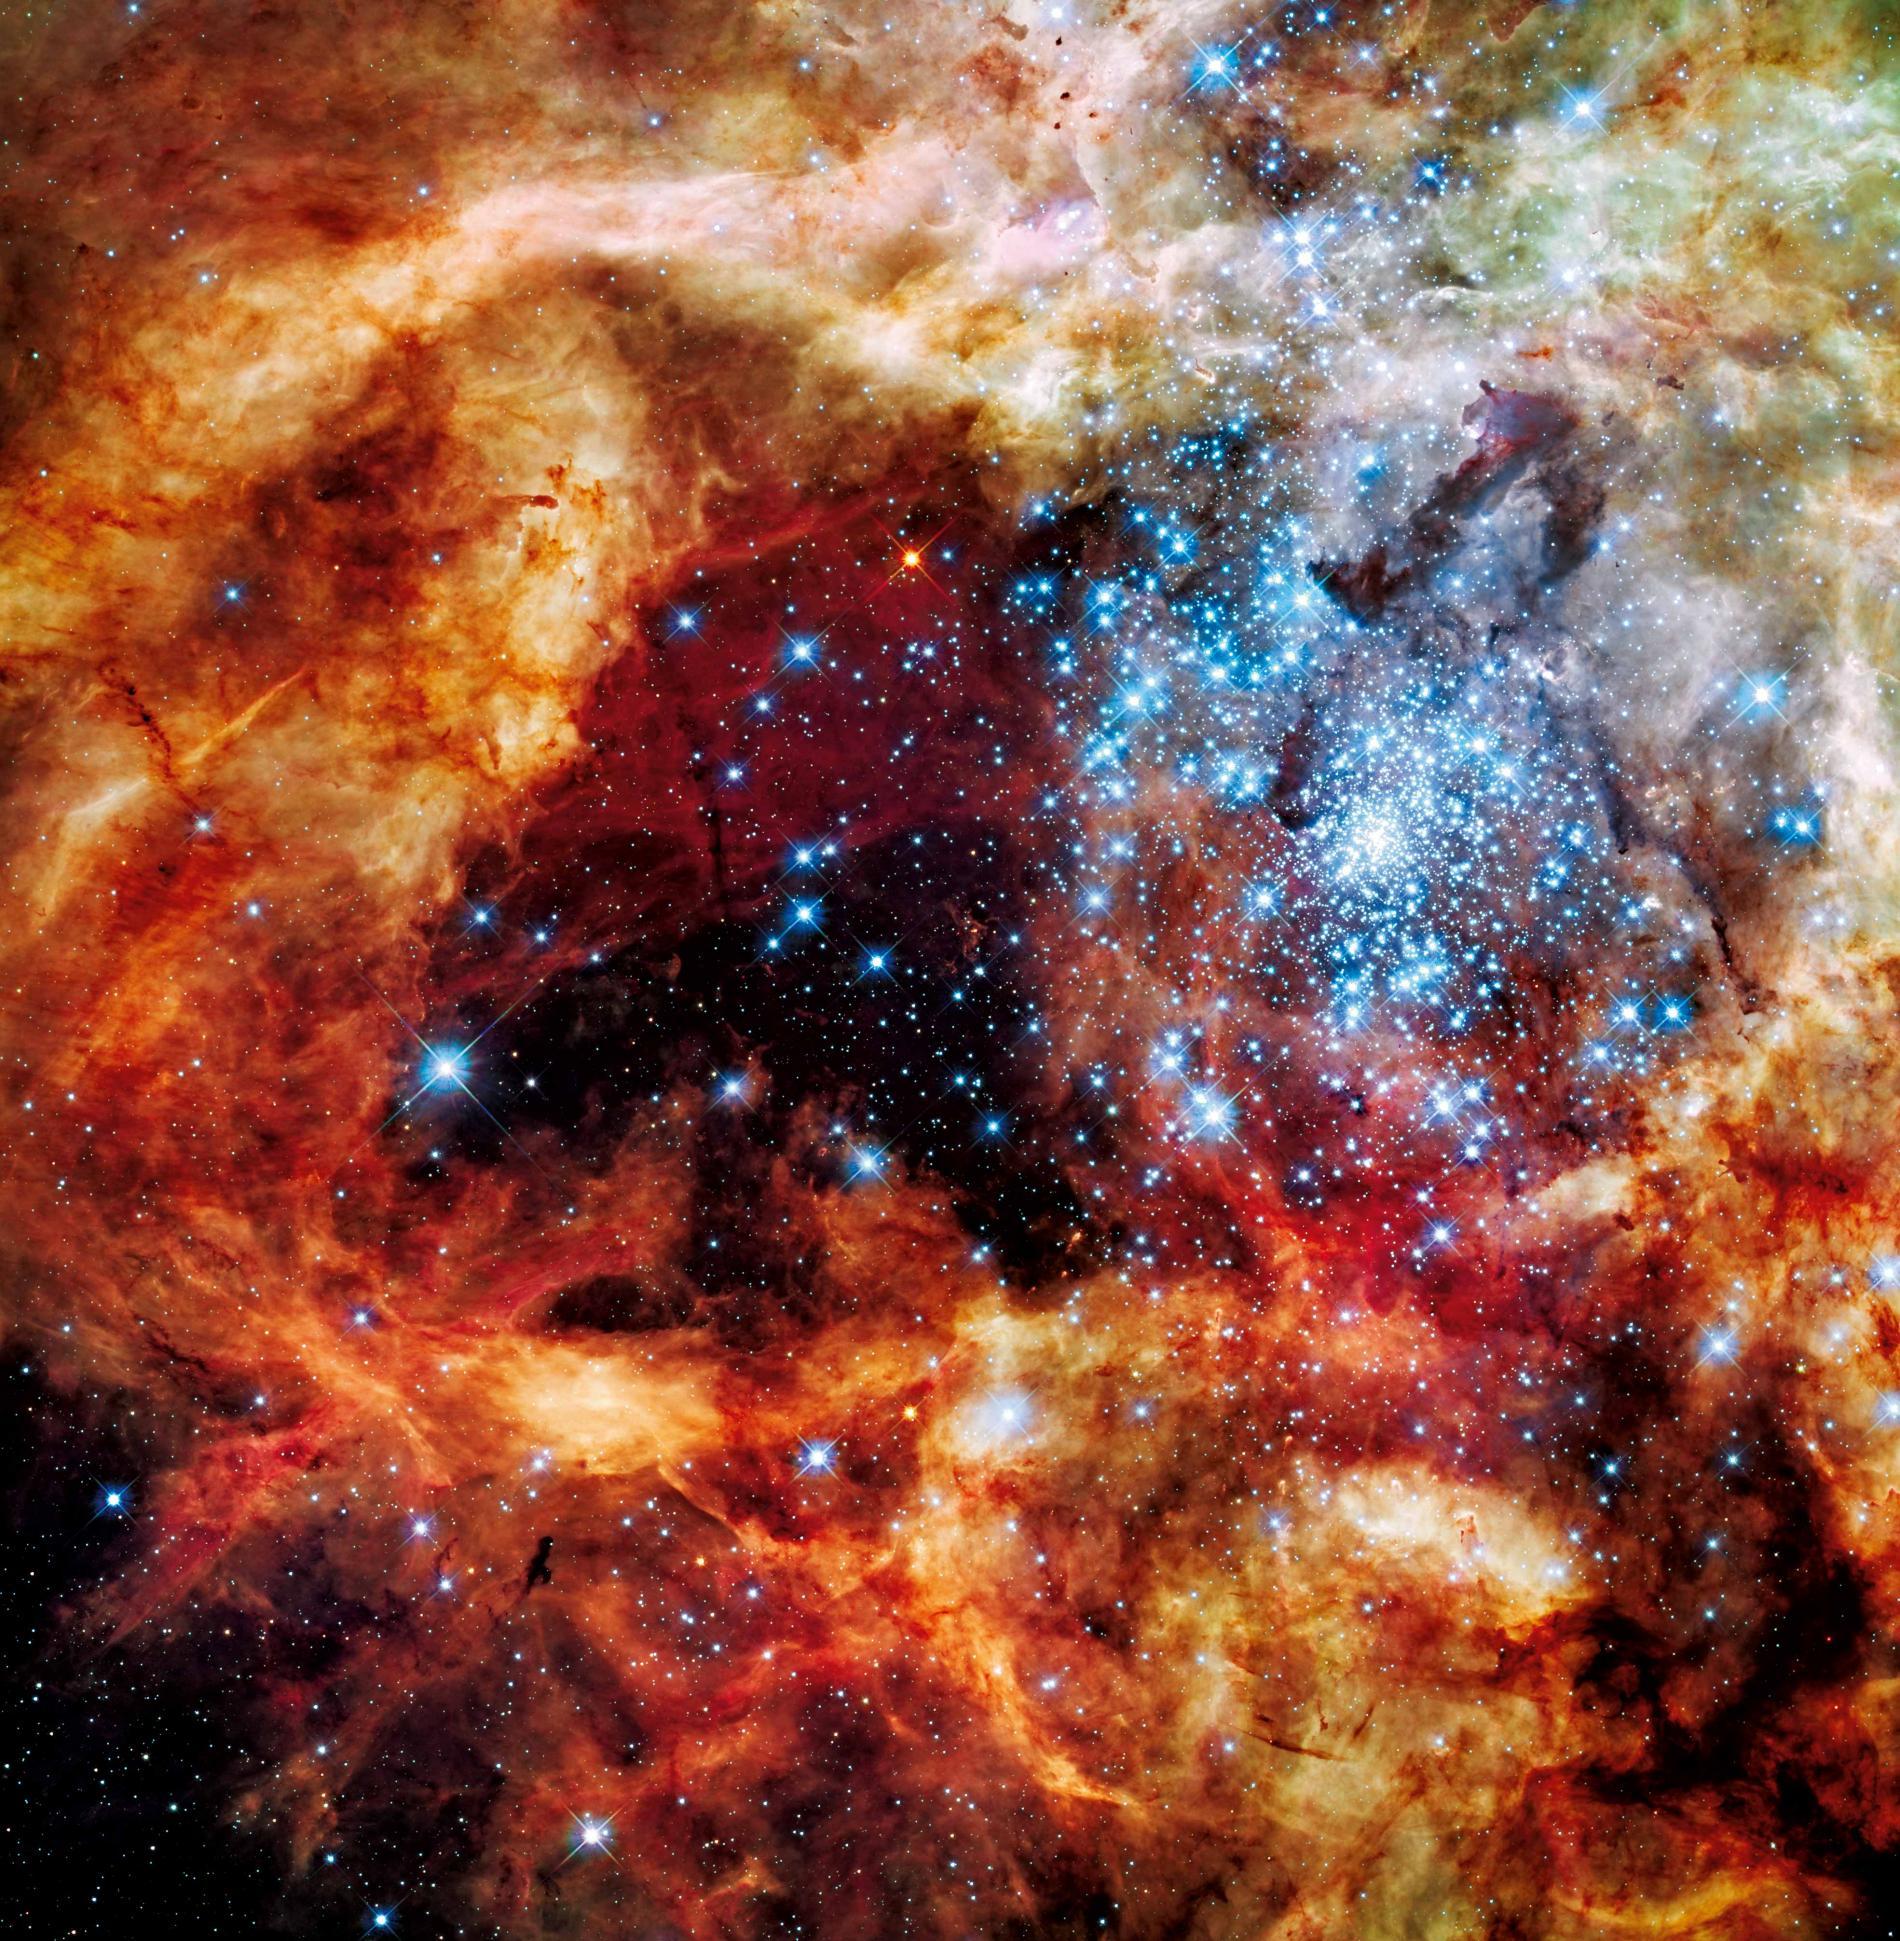 ngc2070-tarentula-nebula